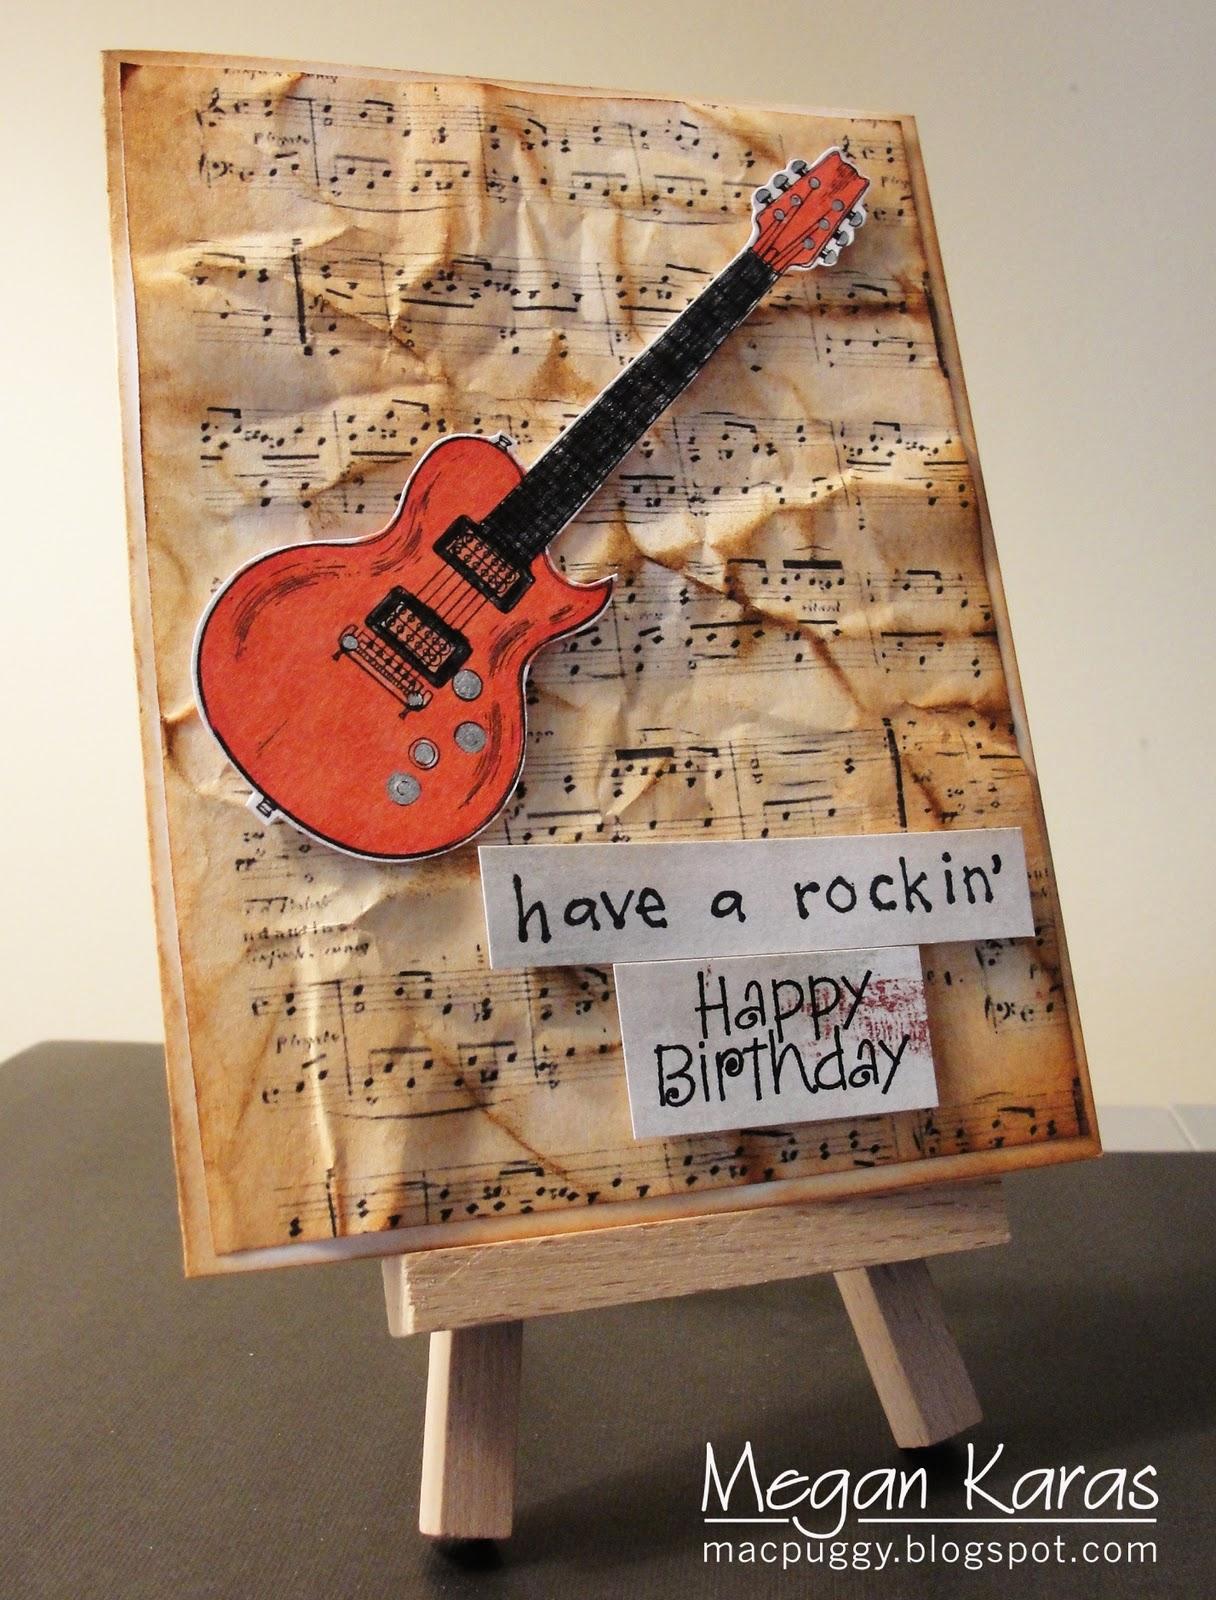 Надписью сентября, день рождения музыканта открытки стильные